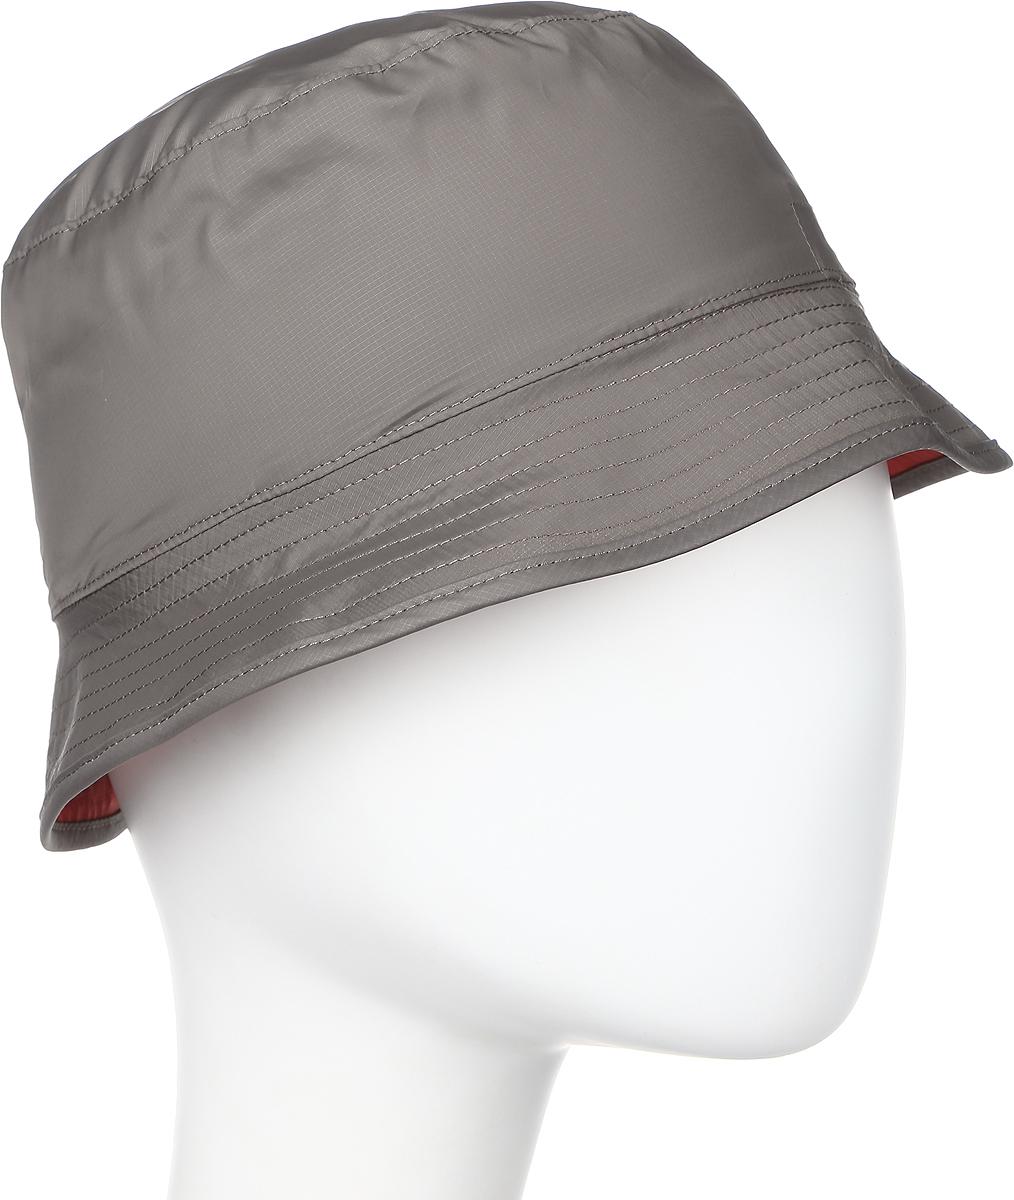 Панама The North Face Sun Stash Hat, цвет: тауп. T0CGZ0RDQ. Размер S/M (56/57)T0CGZ0RDQЛегкая летняя панама The North Face Sun Stash Hat выполнена из 100% полиэстера с защитой от ультрафиолетового излучения. Она легко сворачивается и убирается в карман. Двухсторонняя панама оформлена надписью с названием бренда.Такая панама пригодится в любом путешествии и не сильно добавит вес.